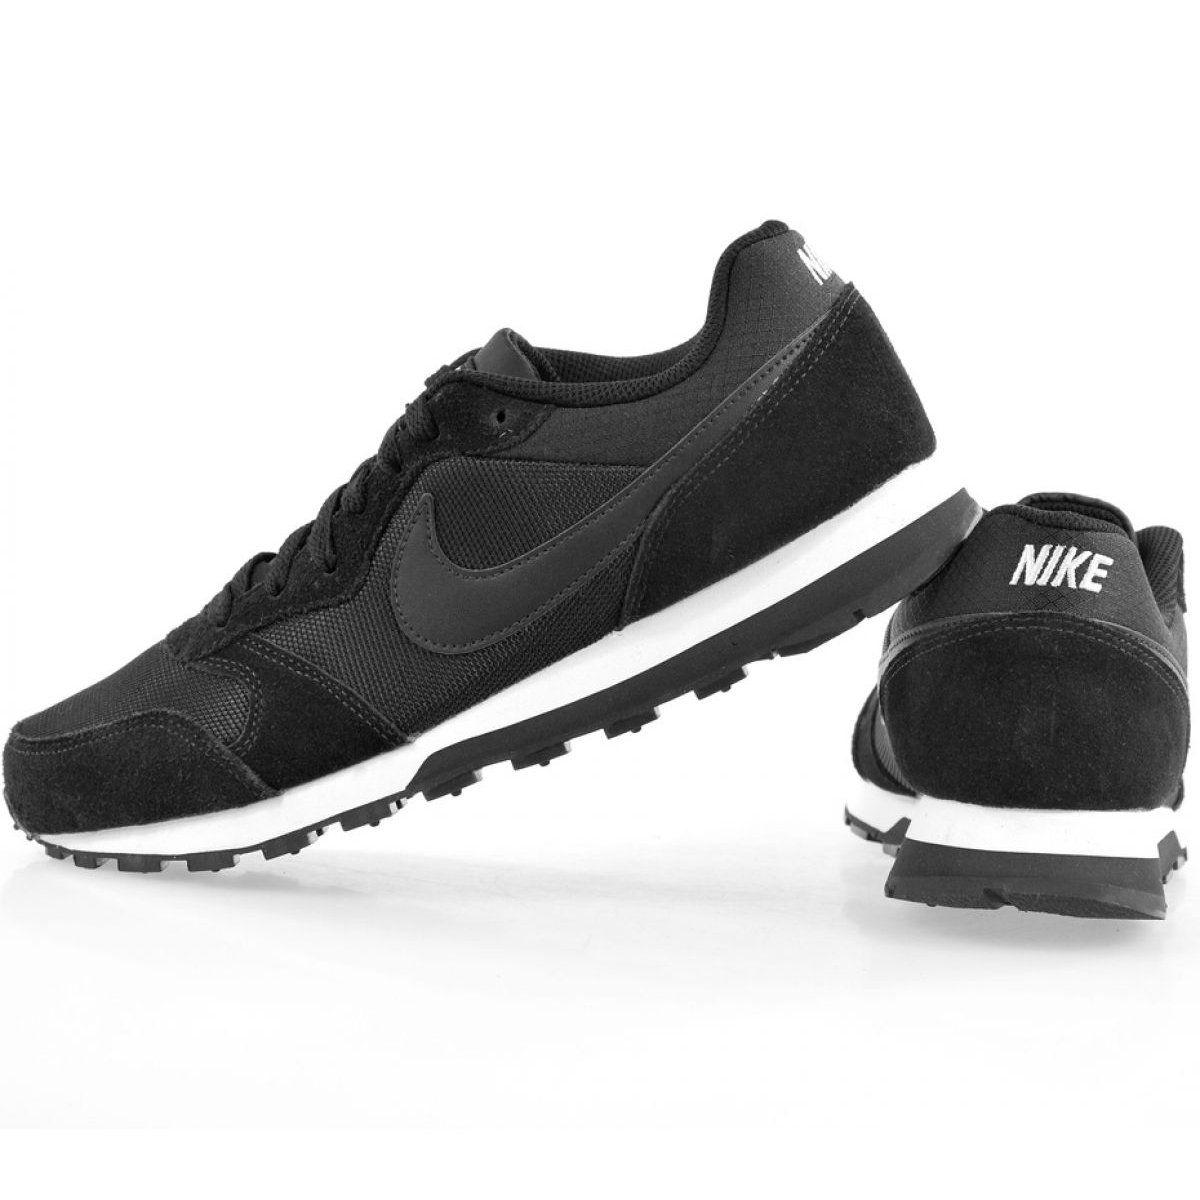 Buty Nike Md Runner 2 W 749869 001 Czarne Nike Air Max Sneakers Sneakers Nike